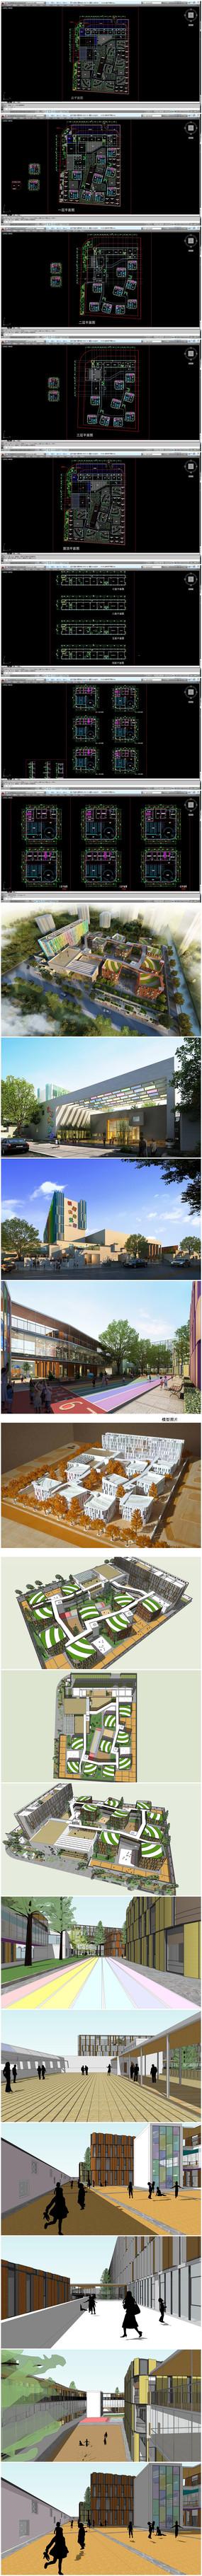 現代風格幼兒園建筑圖紙